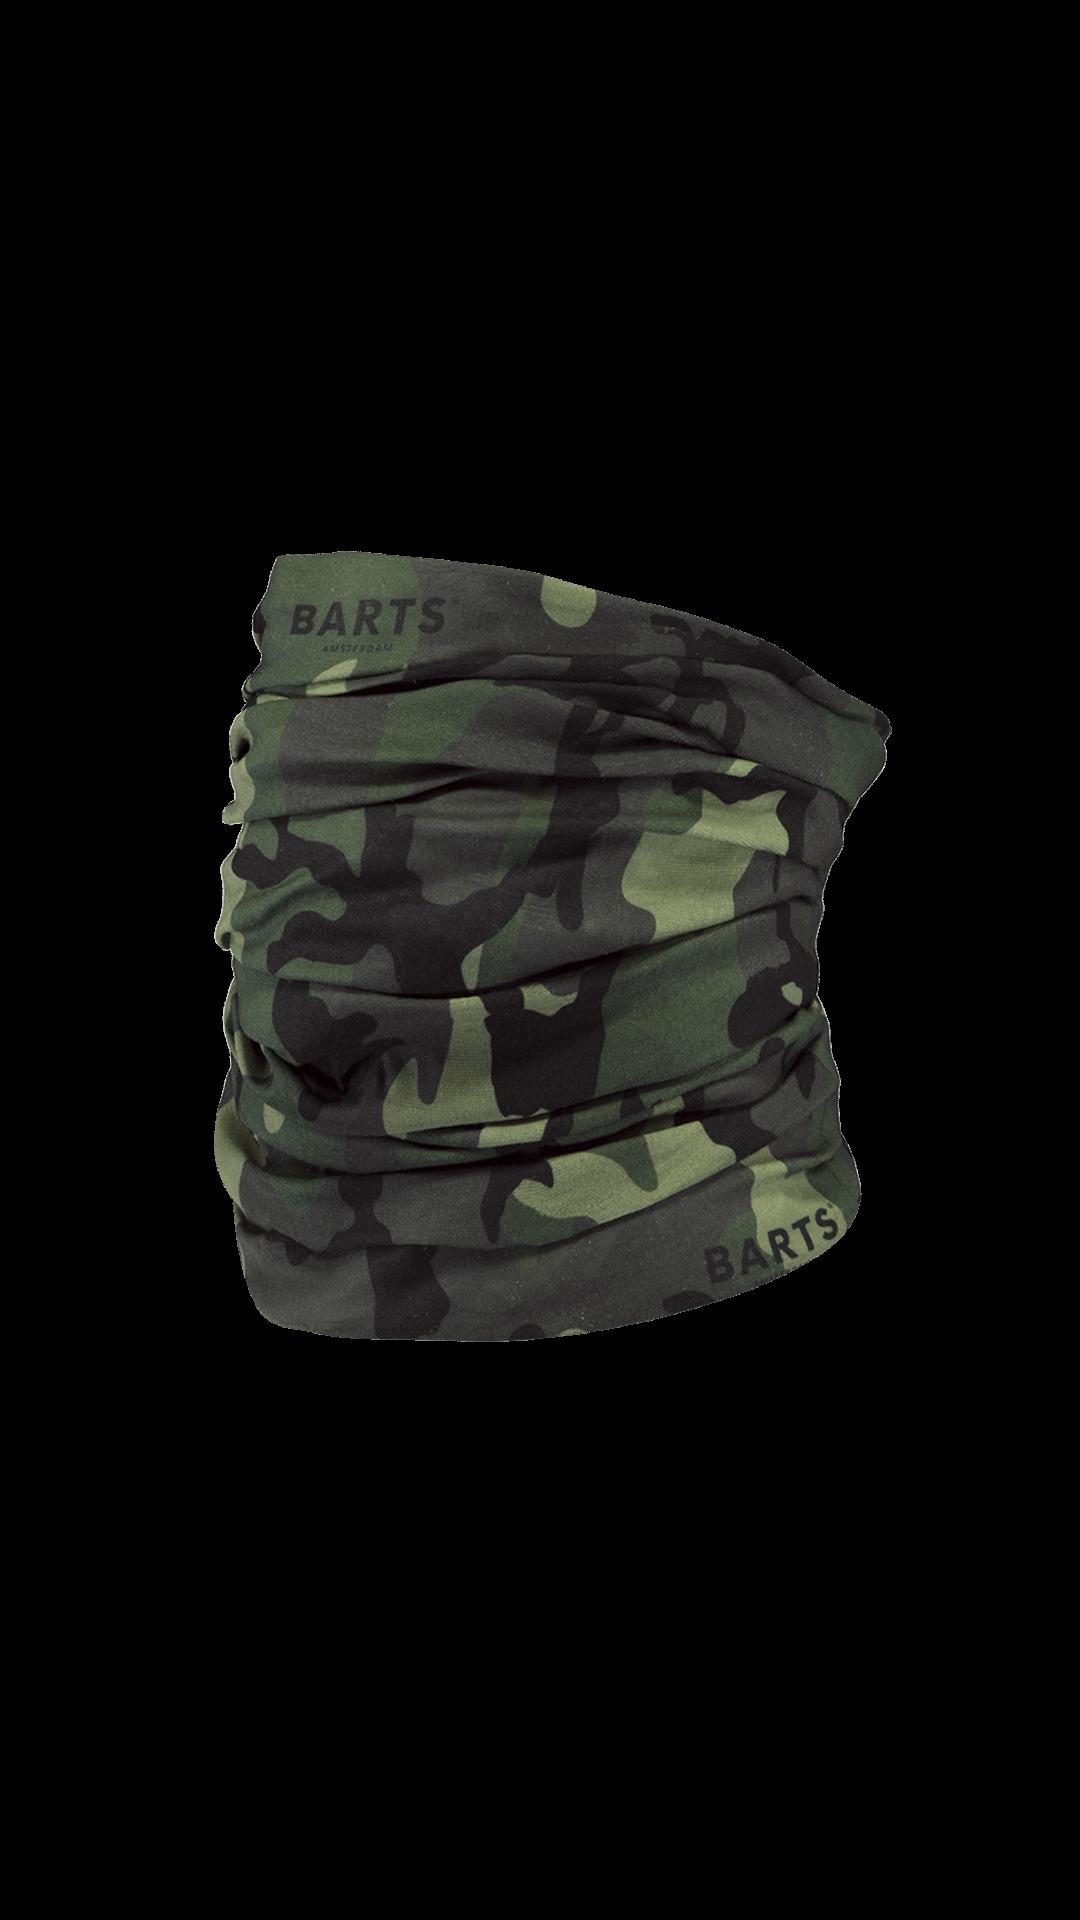 BARTS Multicol Camo-0